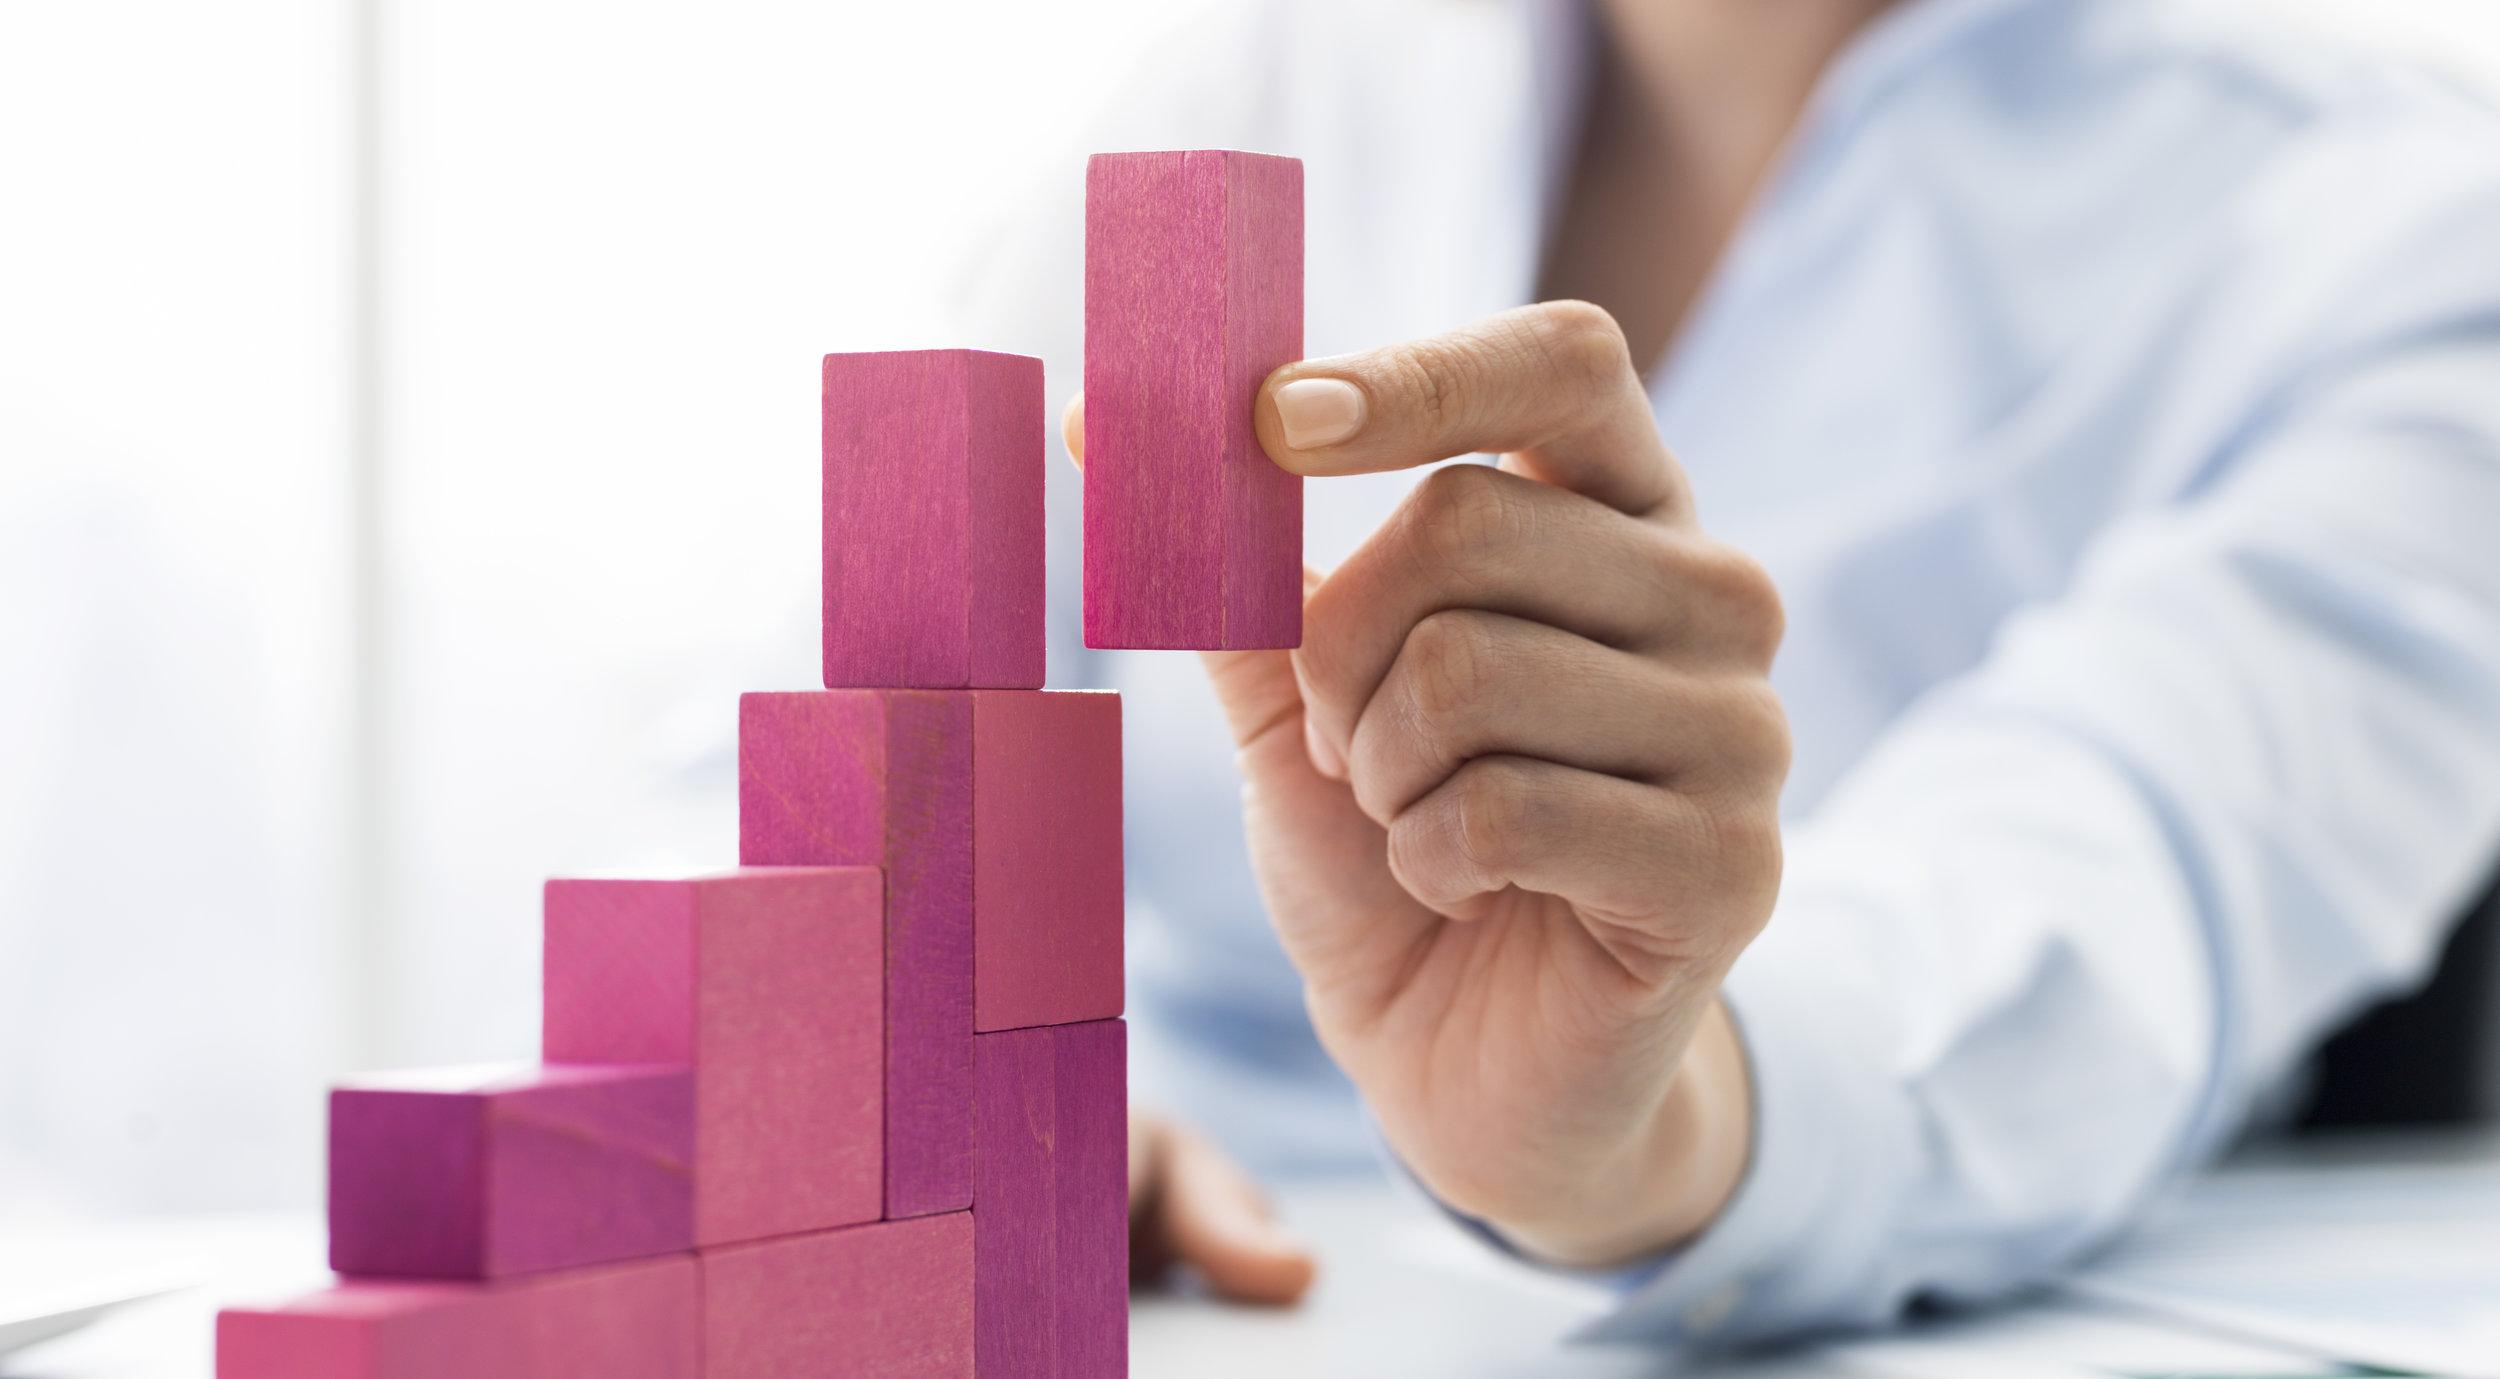 businesswoman-building-a-growing-financial-chart-YDS3QJ5.jpg